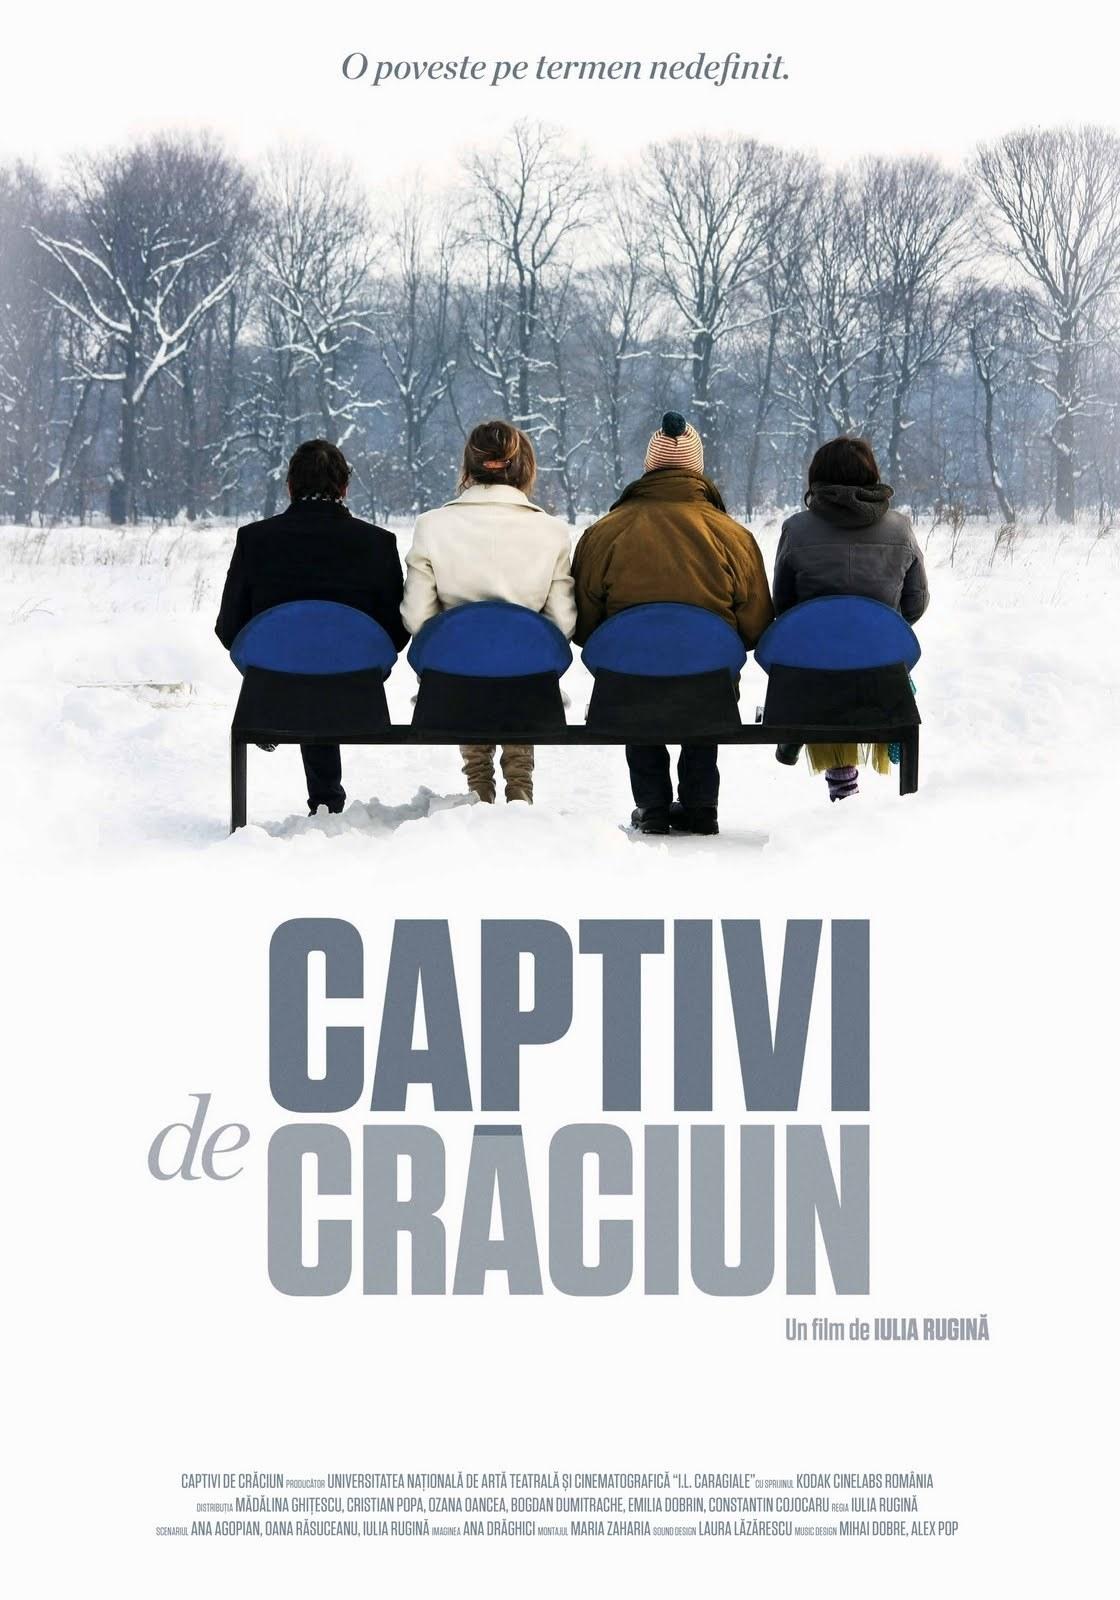 Captivi de Craciun (2010) - IMDb